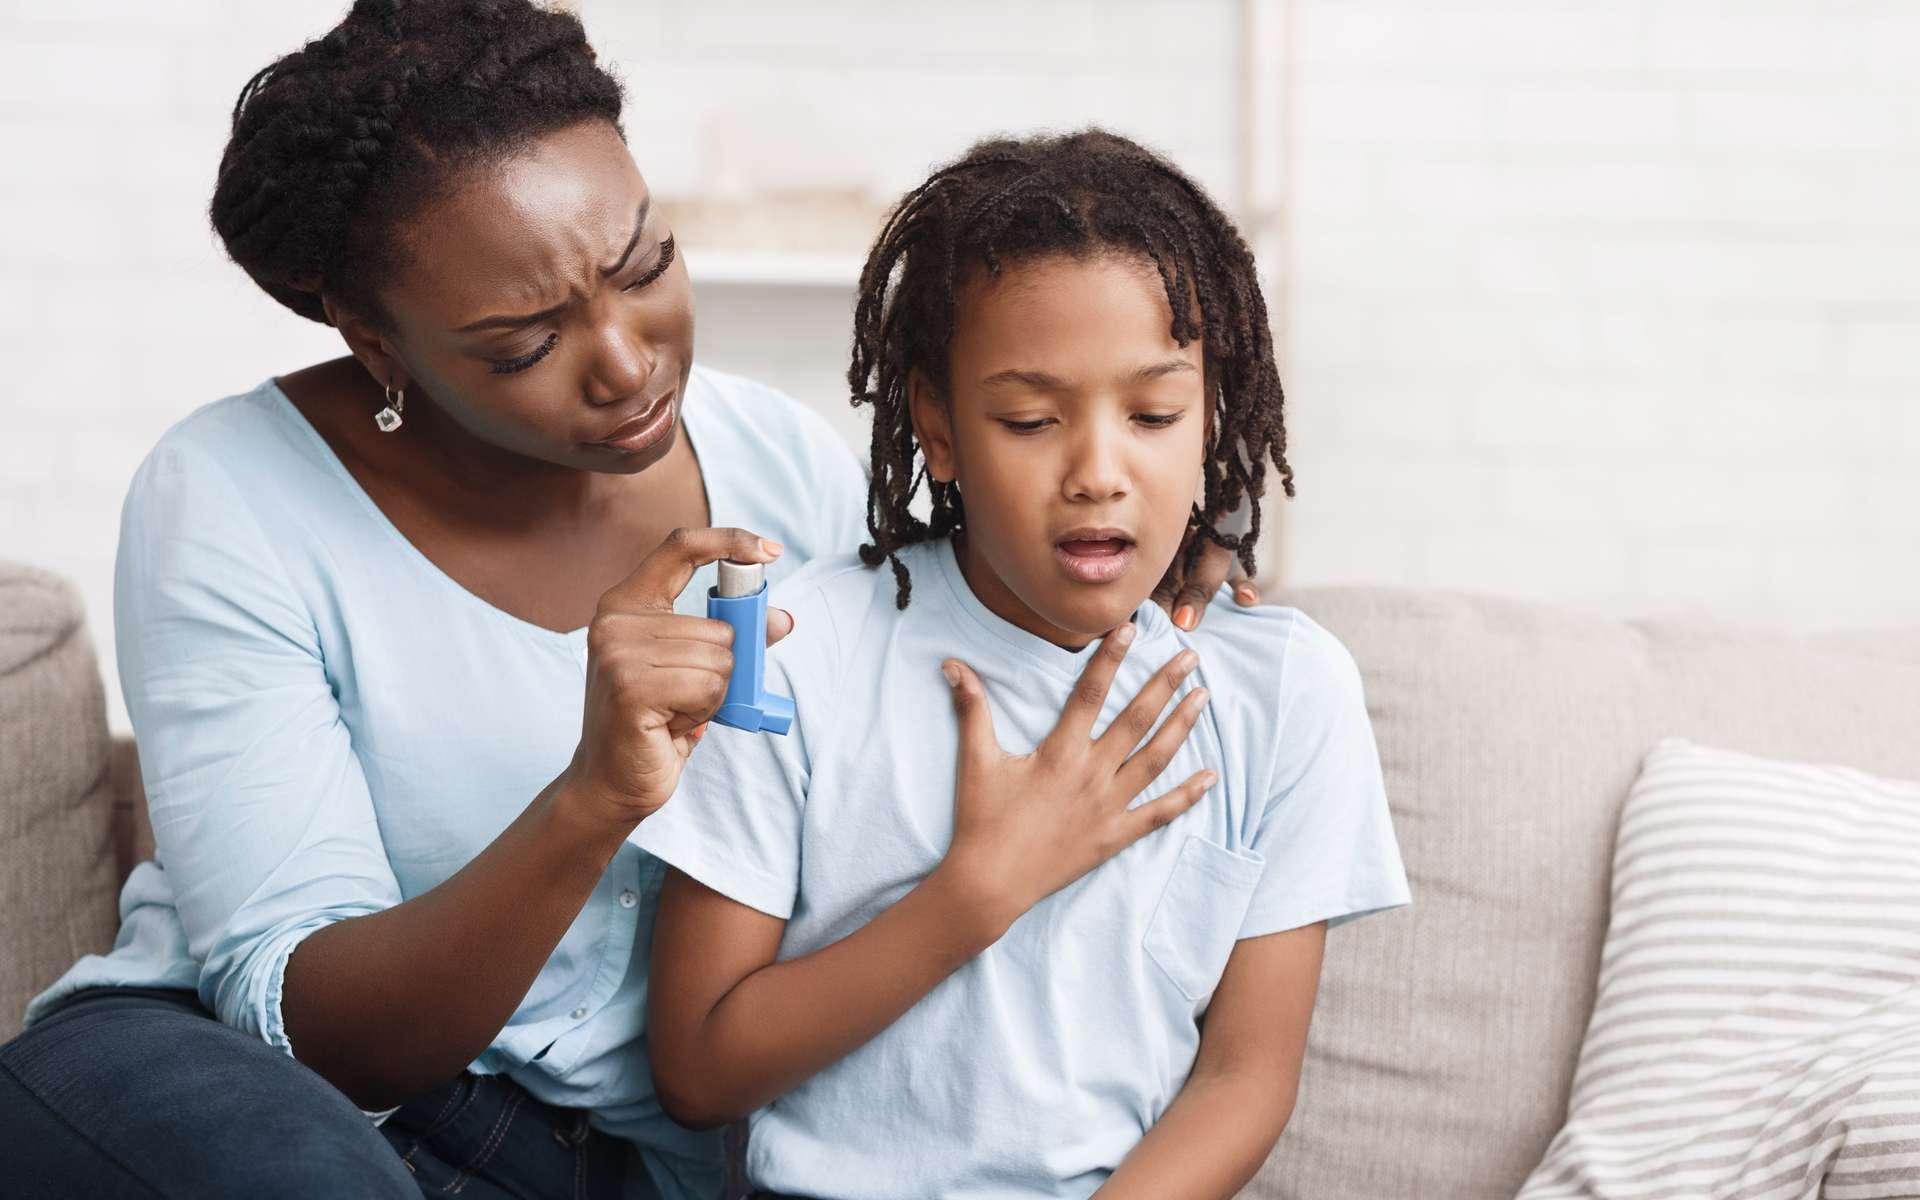 Il semblerait que l'asthme ne soit pas un facteur de risque de développer une forme grave de la Covid-19. © Prostock-studio, Adobe Stock